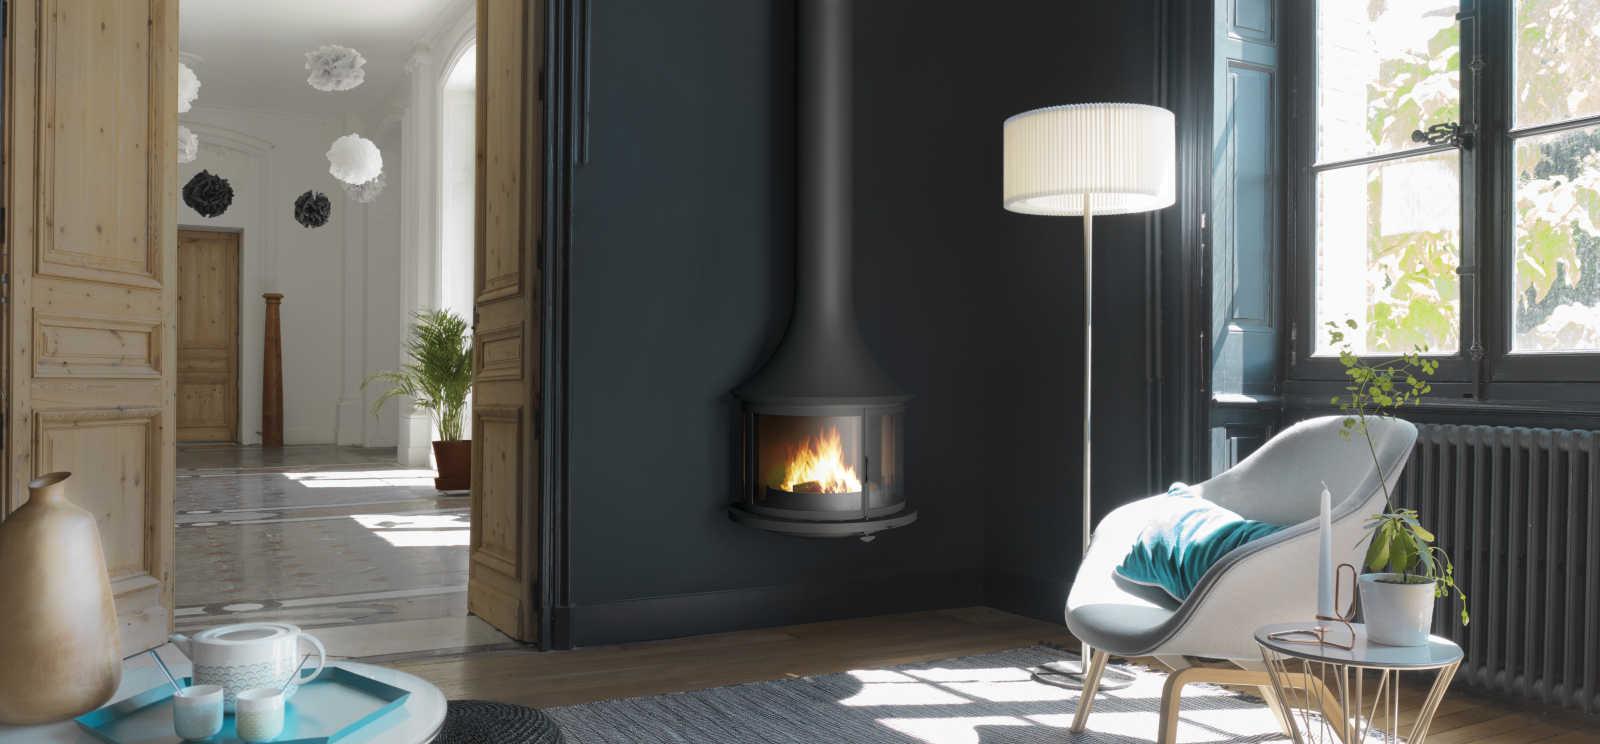 Cheminées Design JC Bordelet LEA 998